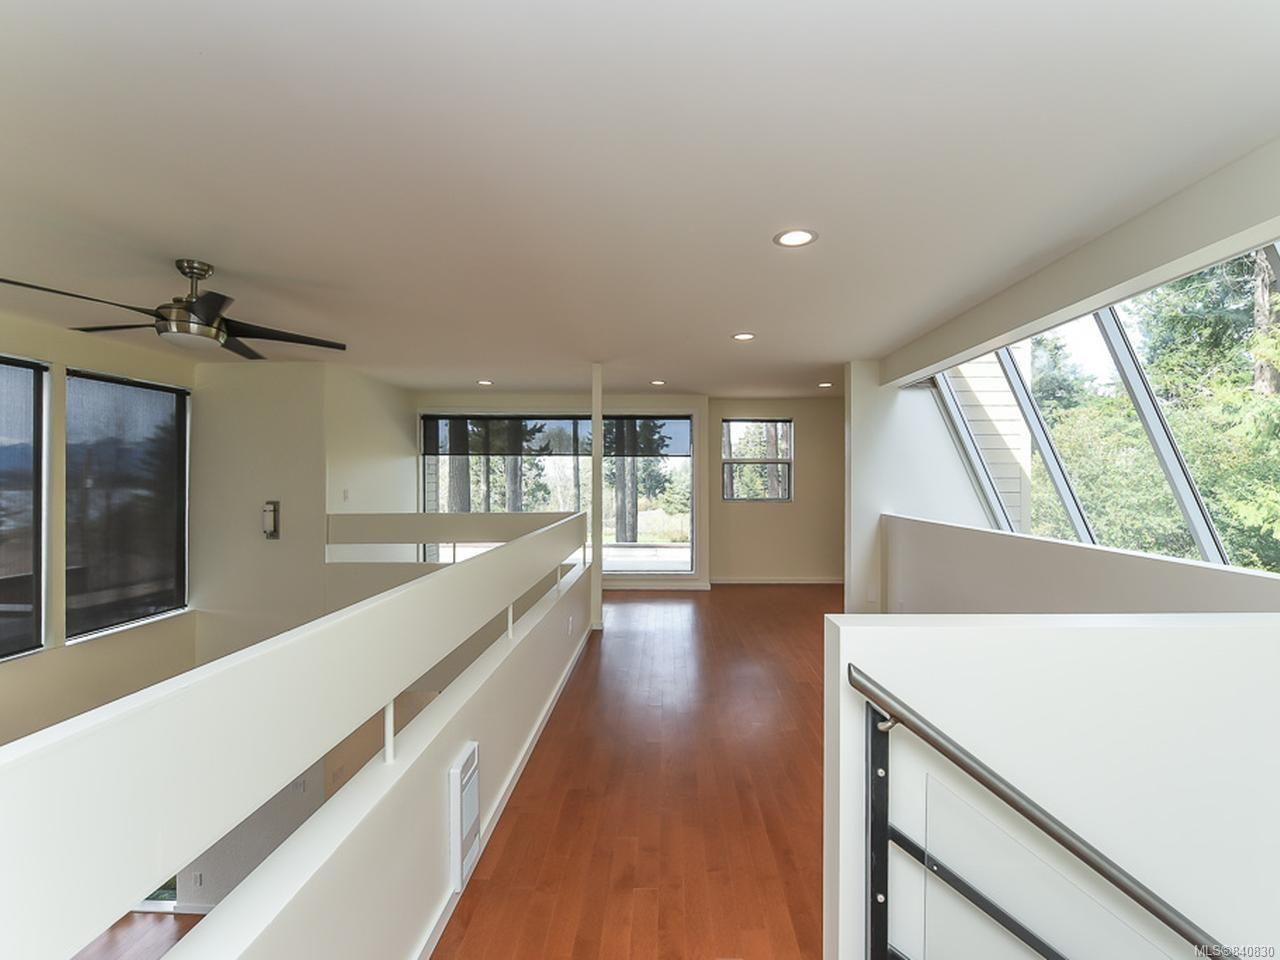 Photo 25: Photos: 1156 Moore Rd in COMOX: CV Comox Peninsula House for sale (Comox Valley)  : MLS®# 840830